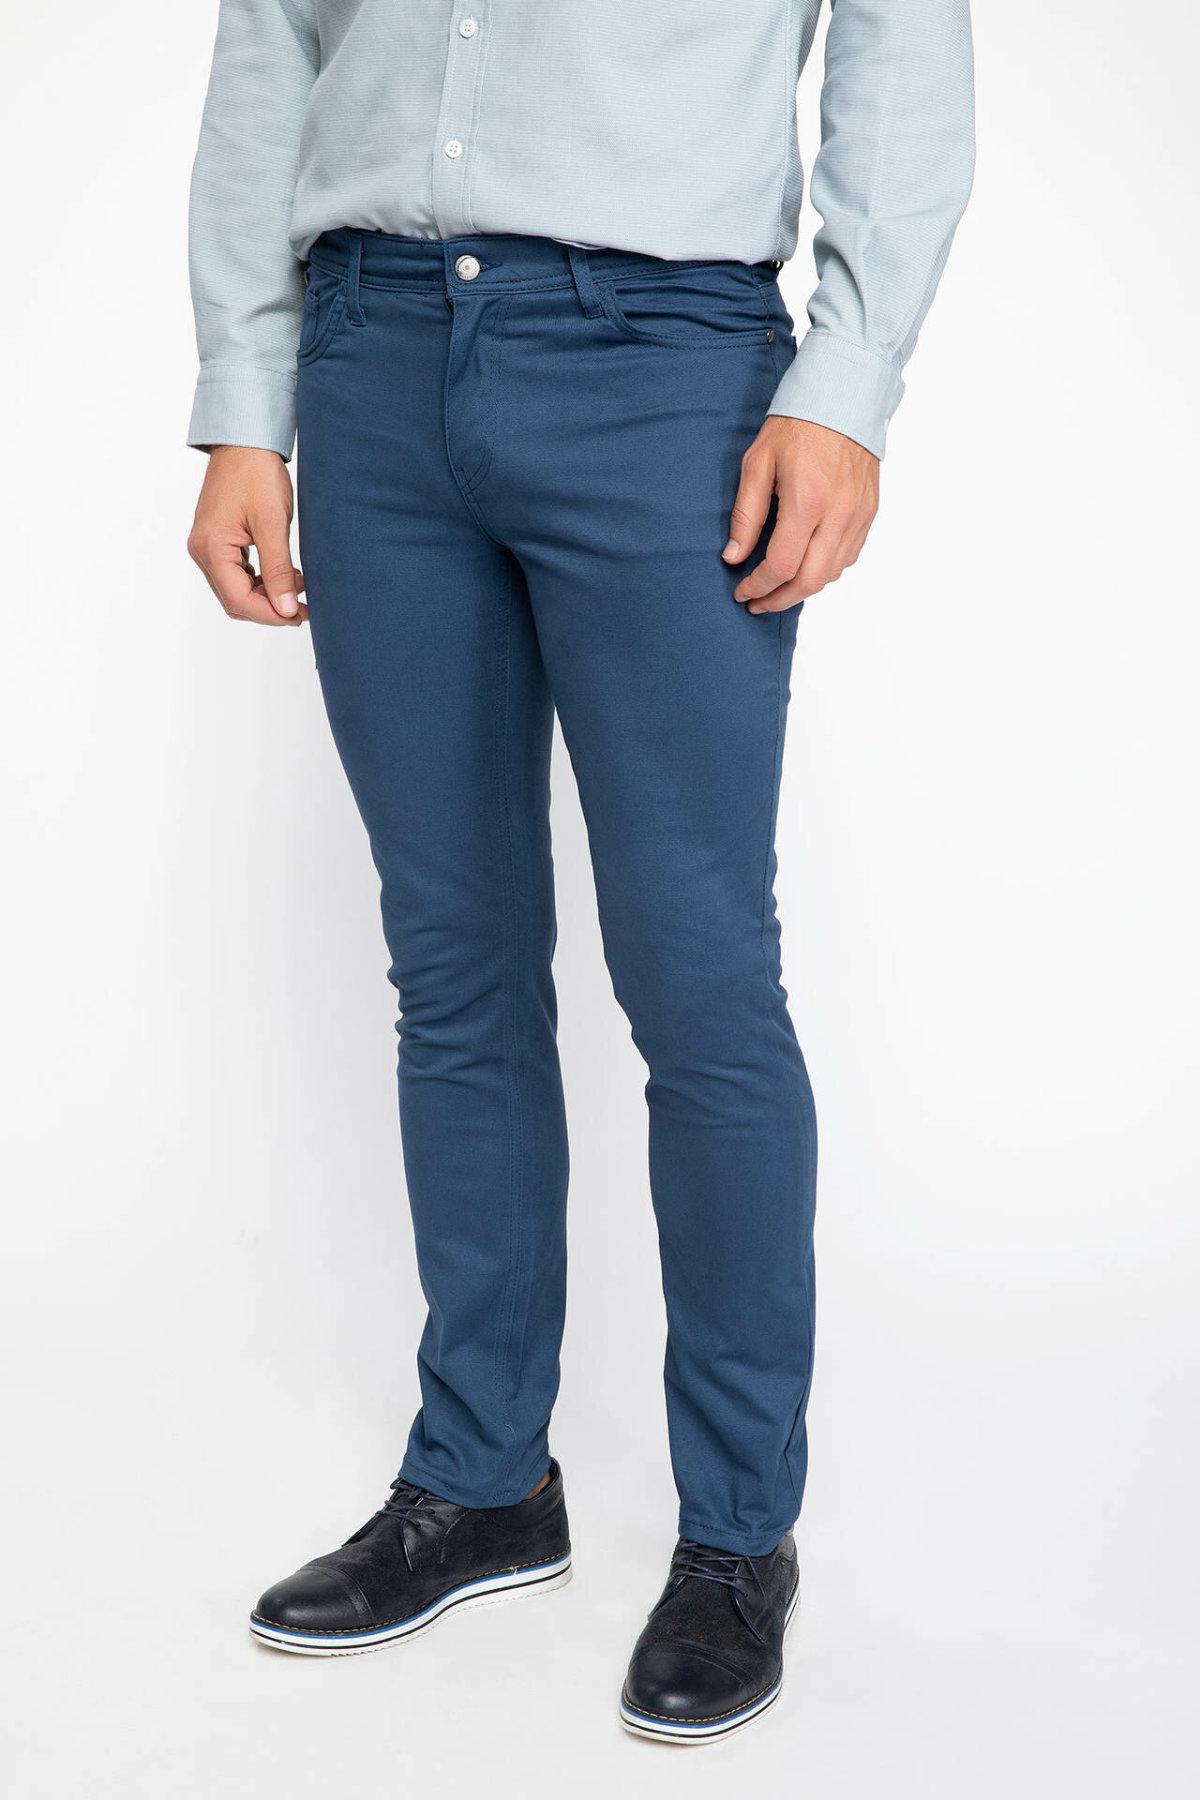 DeFacto Fashion Men's Suit Trousers Leisure Classic Business Long Pants Male Casual Solid Casual Slim Pants New - J1047AZ18AU